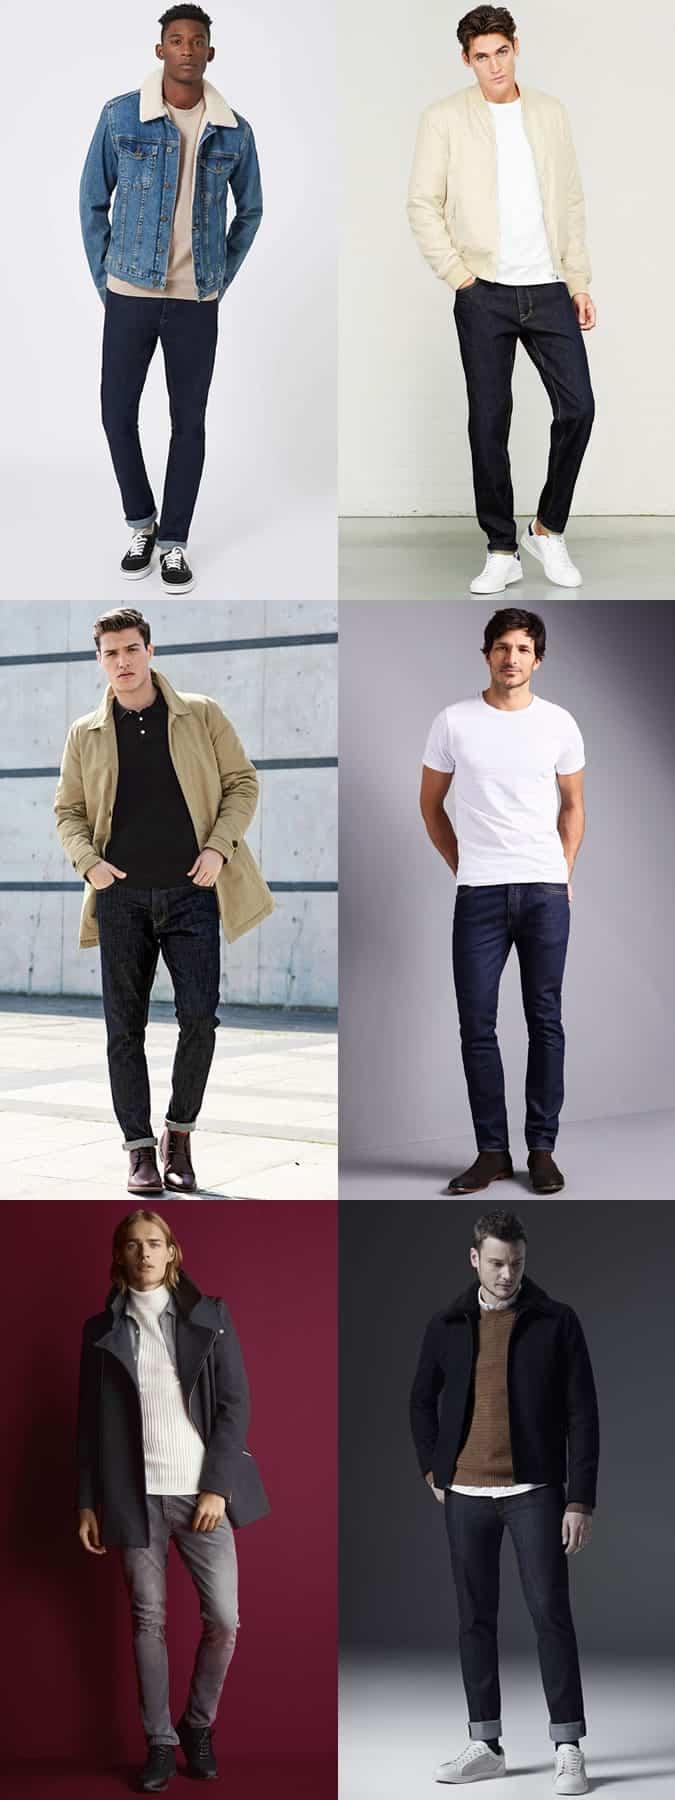 Look Look Inspiration pour homme en jean délavé foncé